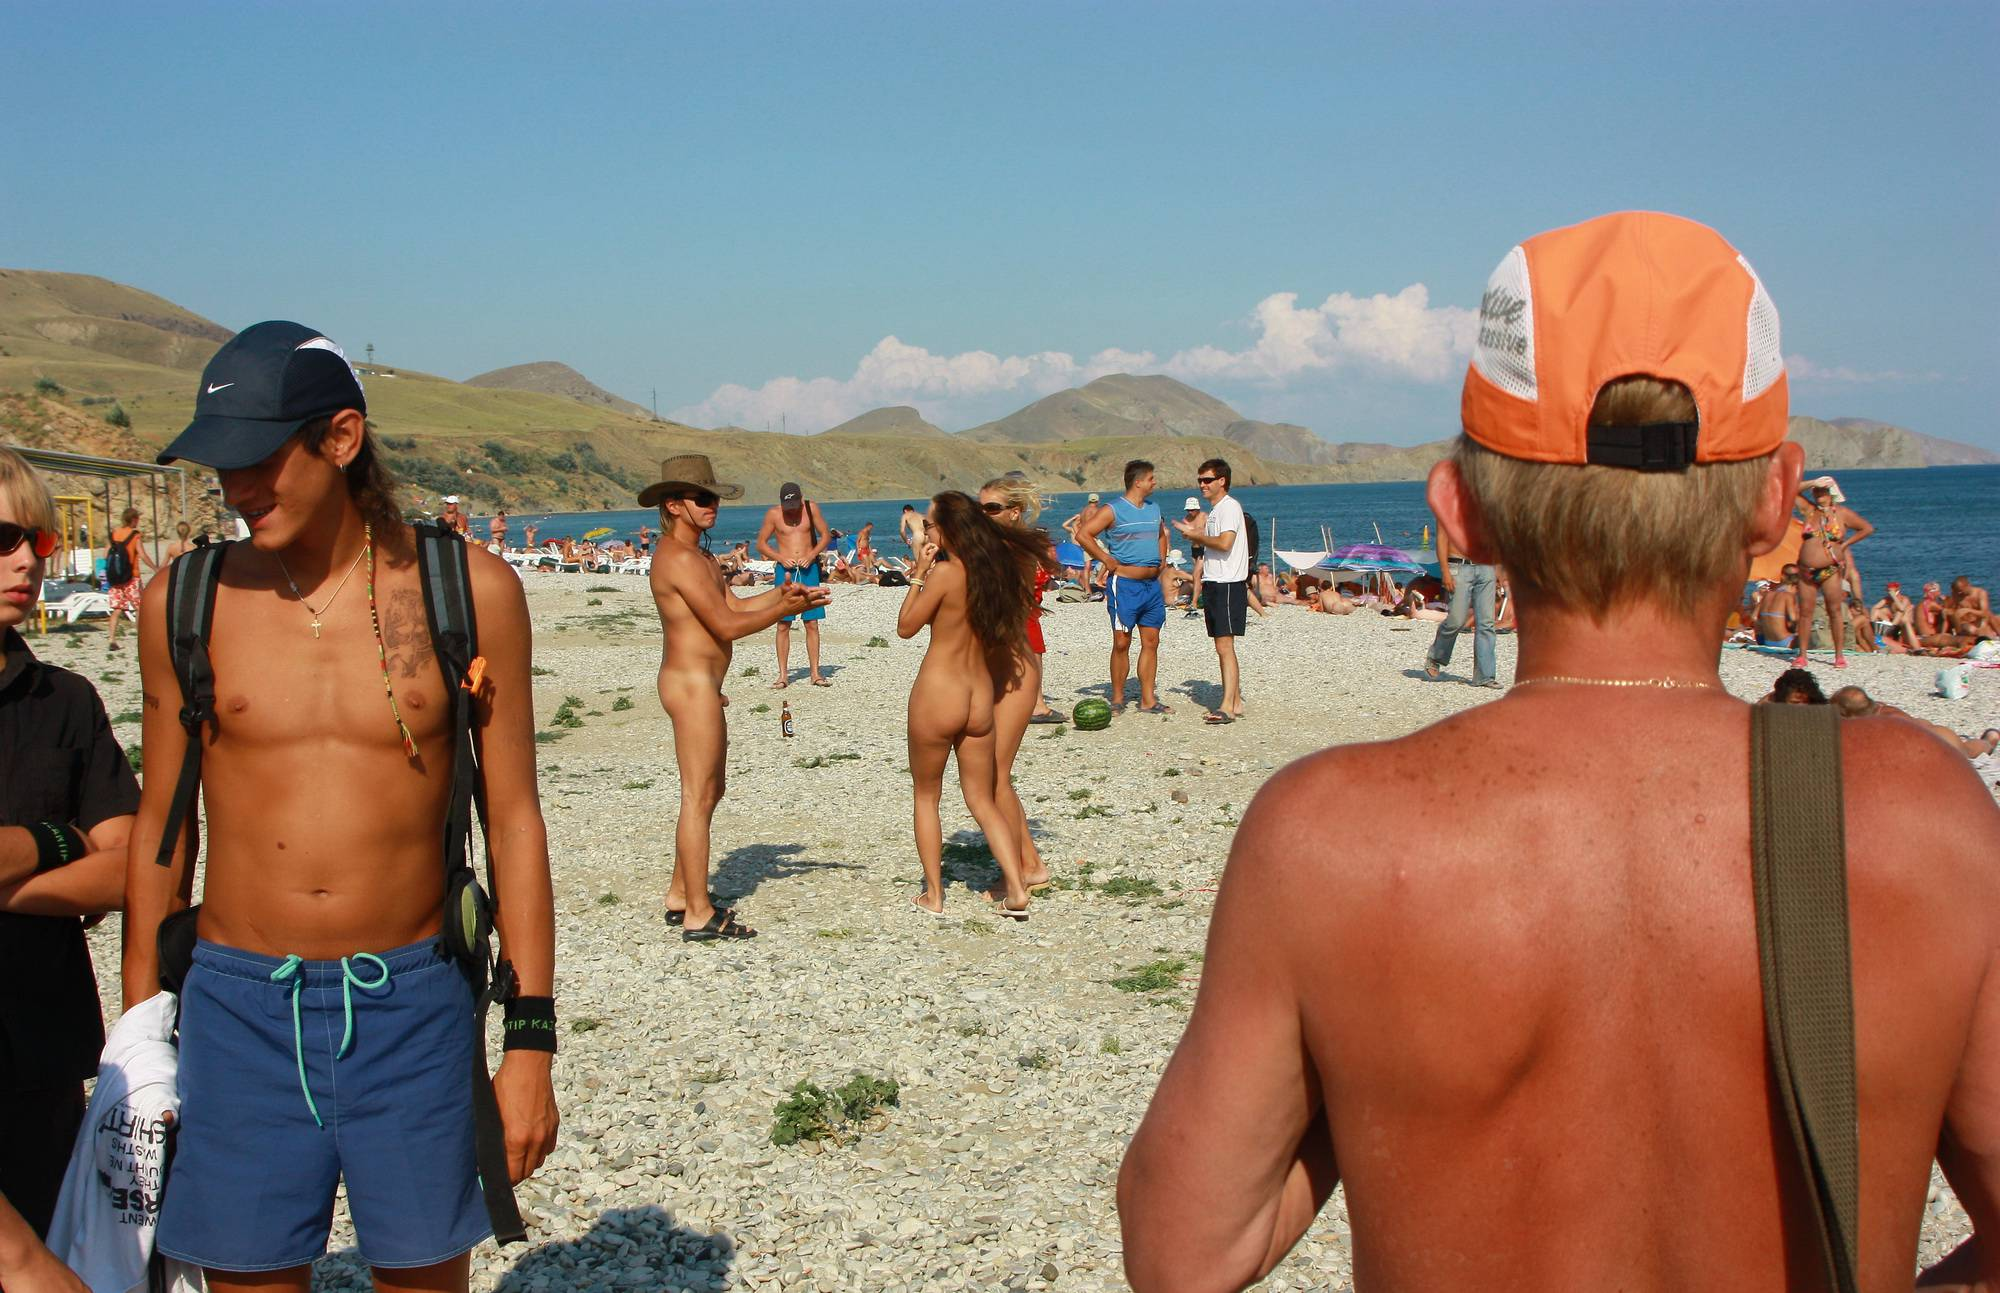 Nudist Photos Ukraine Beach Friendship - 1